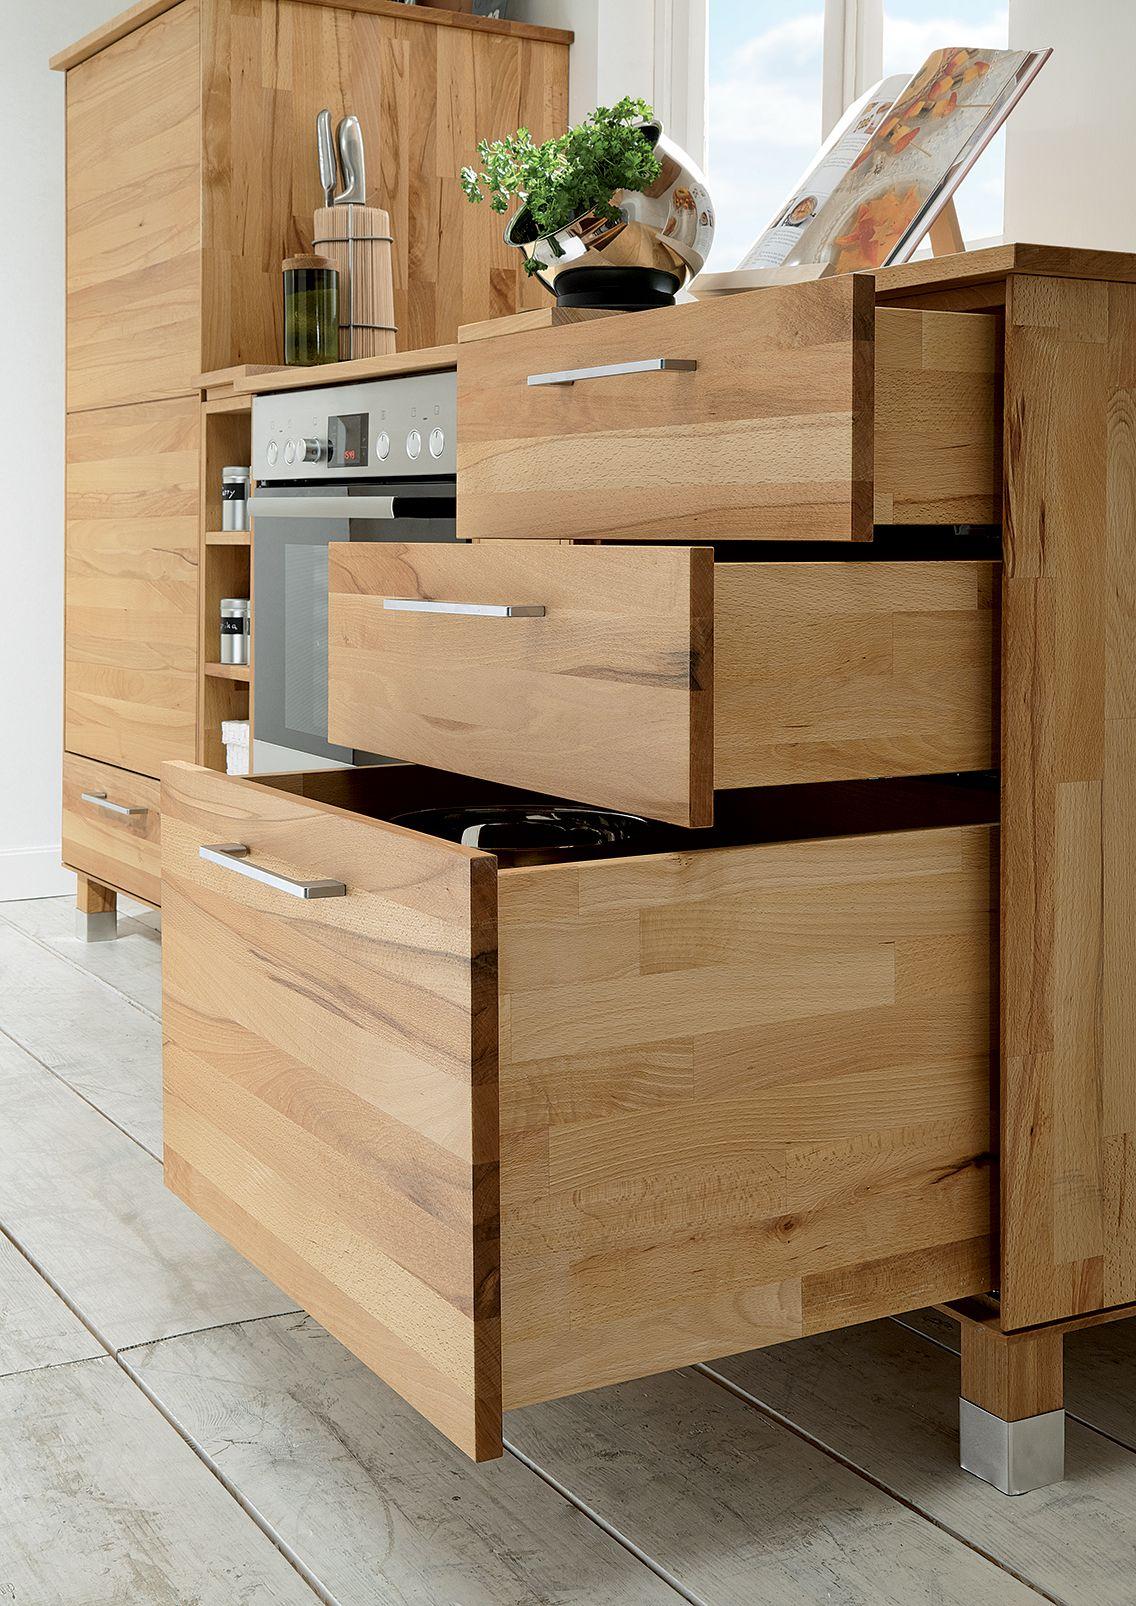 Full Size of Kchenunterschrank Culinara Wohnzimmer Küchenunterschrank